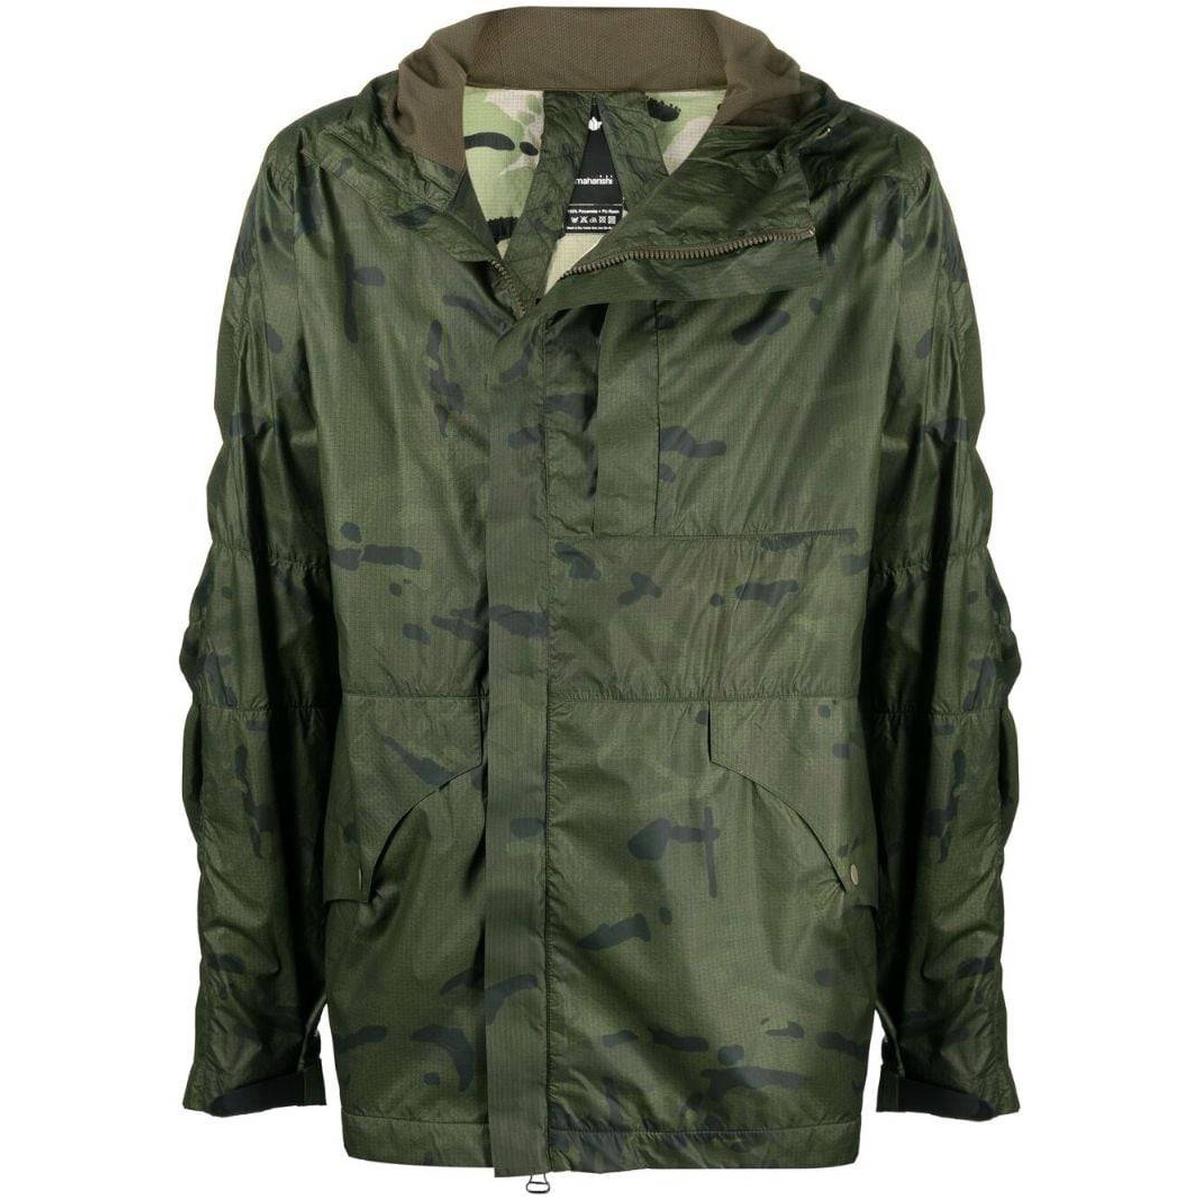 代购Maharishi 迷彩印花轻薄夹克短外套女士2021新款奢侈品